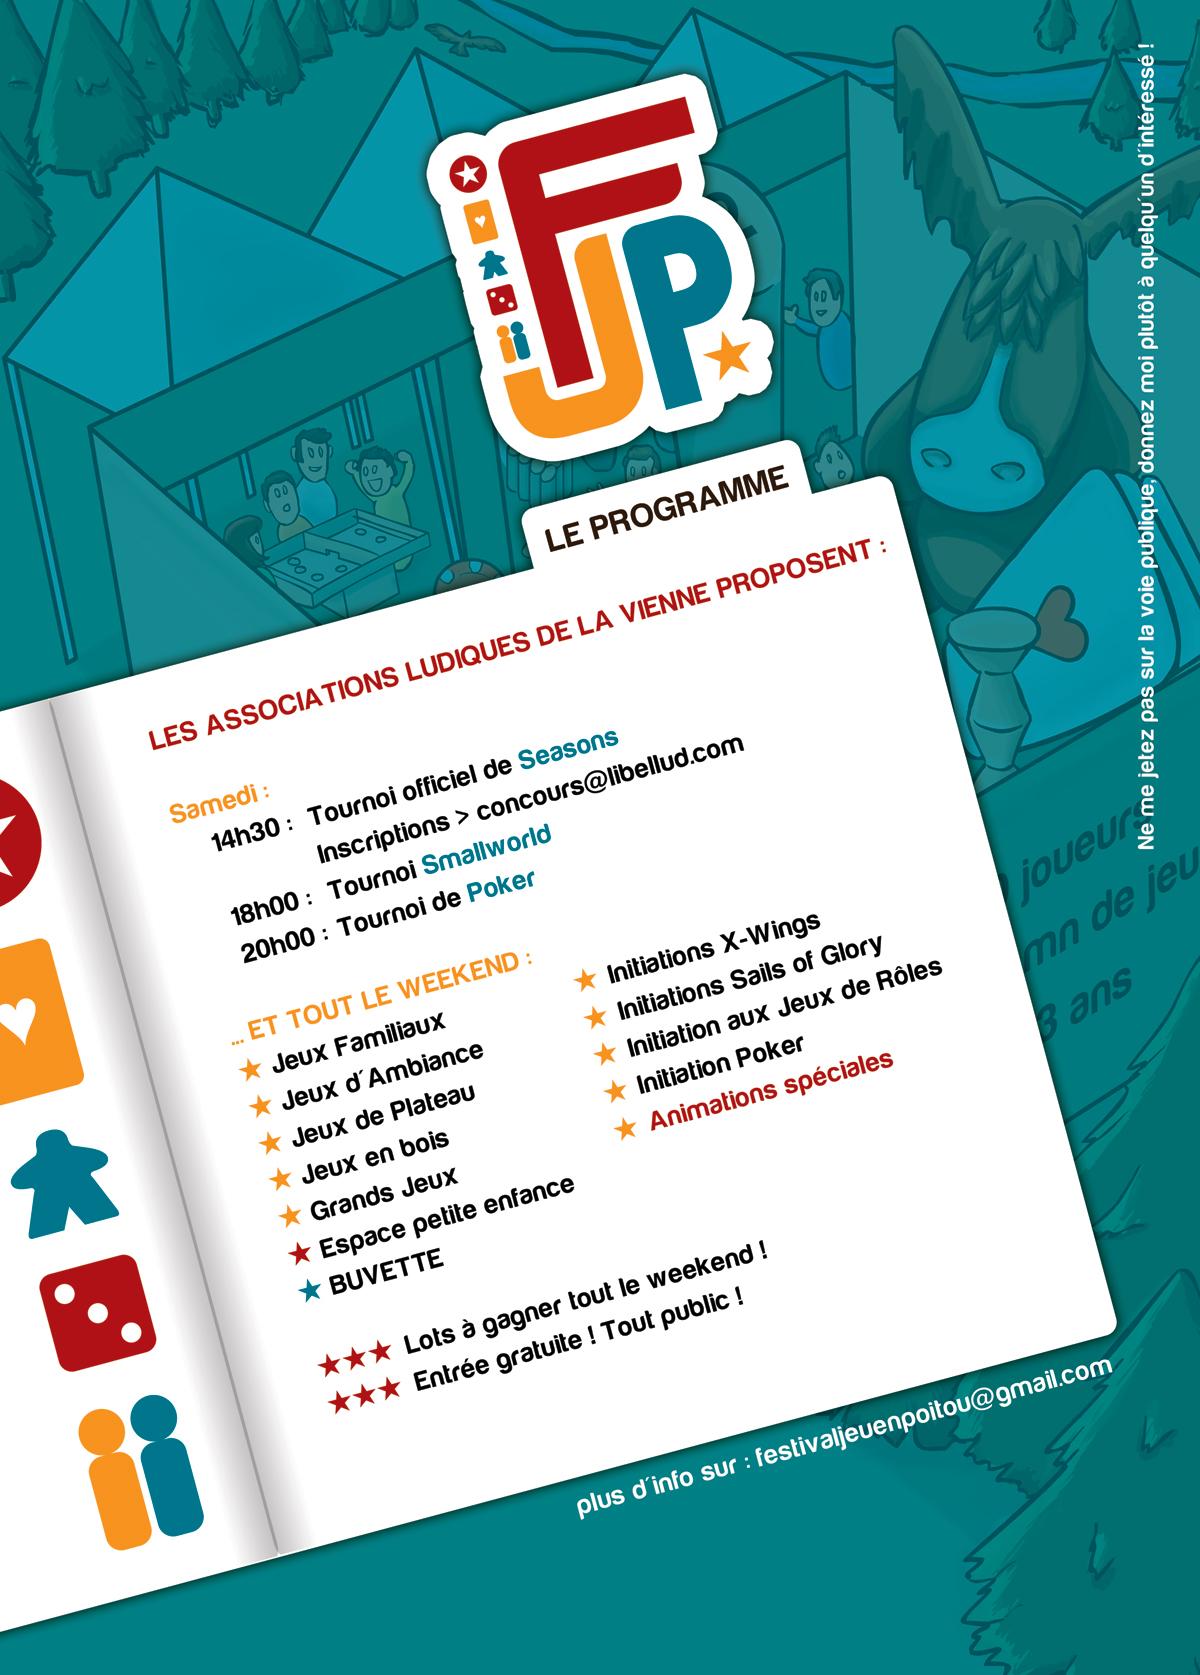 Programme FJP 2014